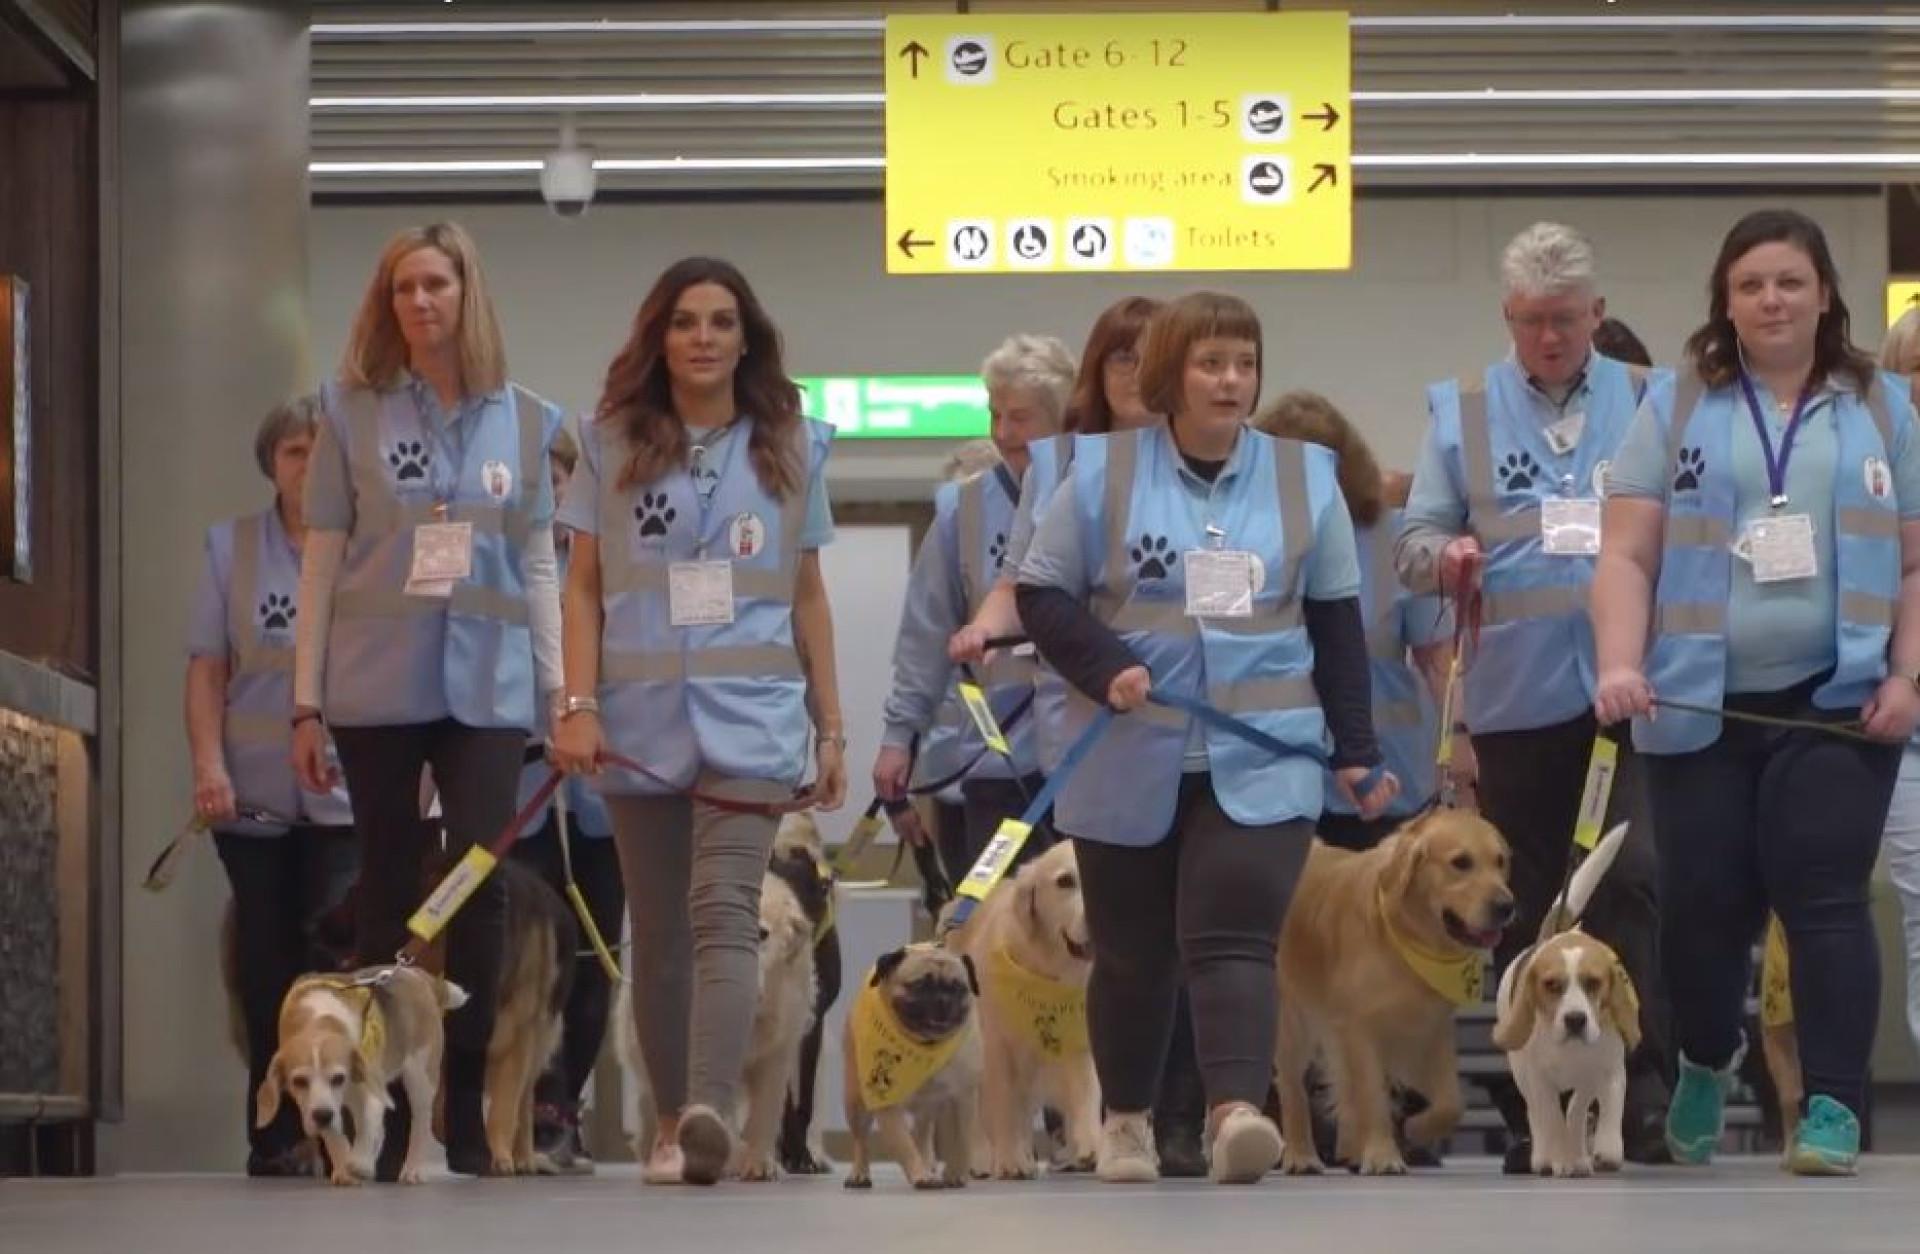 Tem medo de voar? Neste aeroporto há uma tripulação canina para ajudar